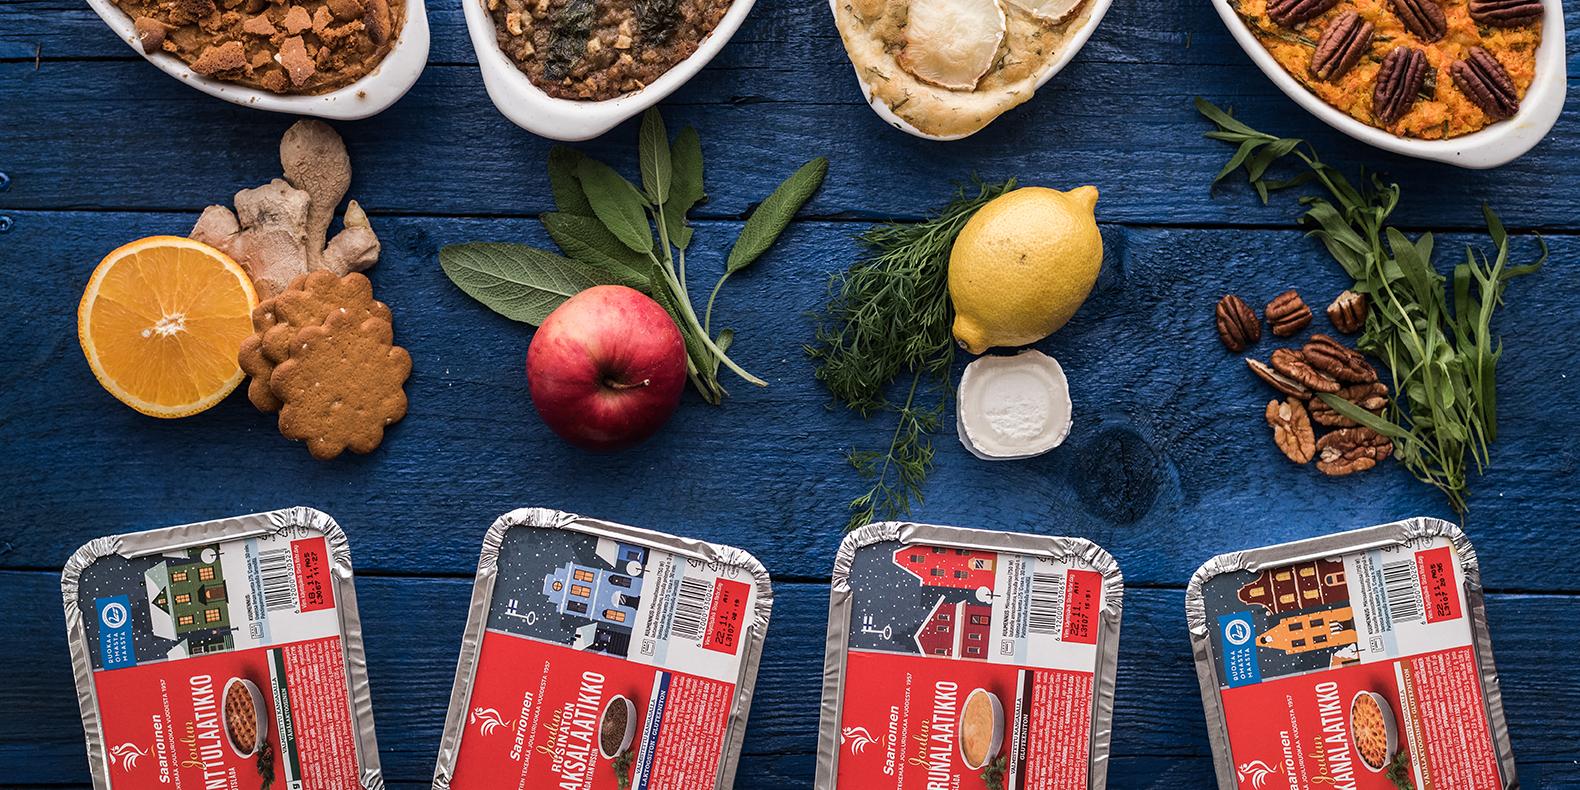 saarioinen joulu 2018 Äitien tekemää jouluruokaa saarioinen joulu 2018